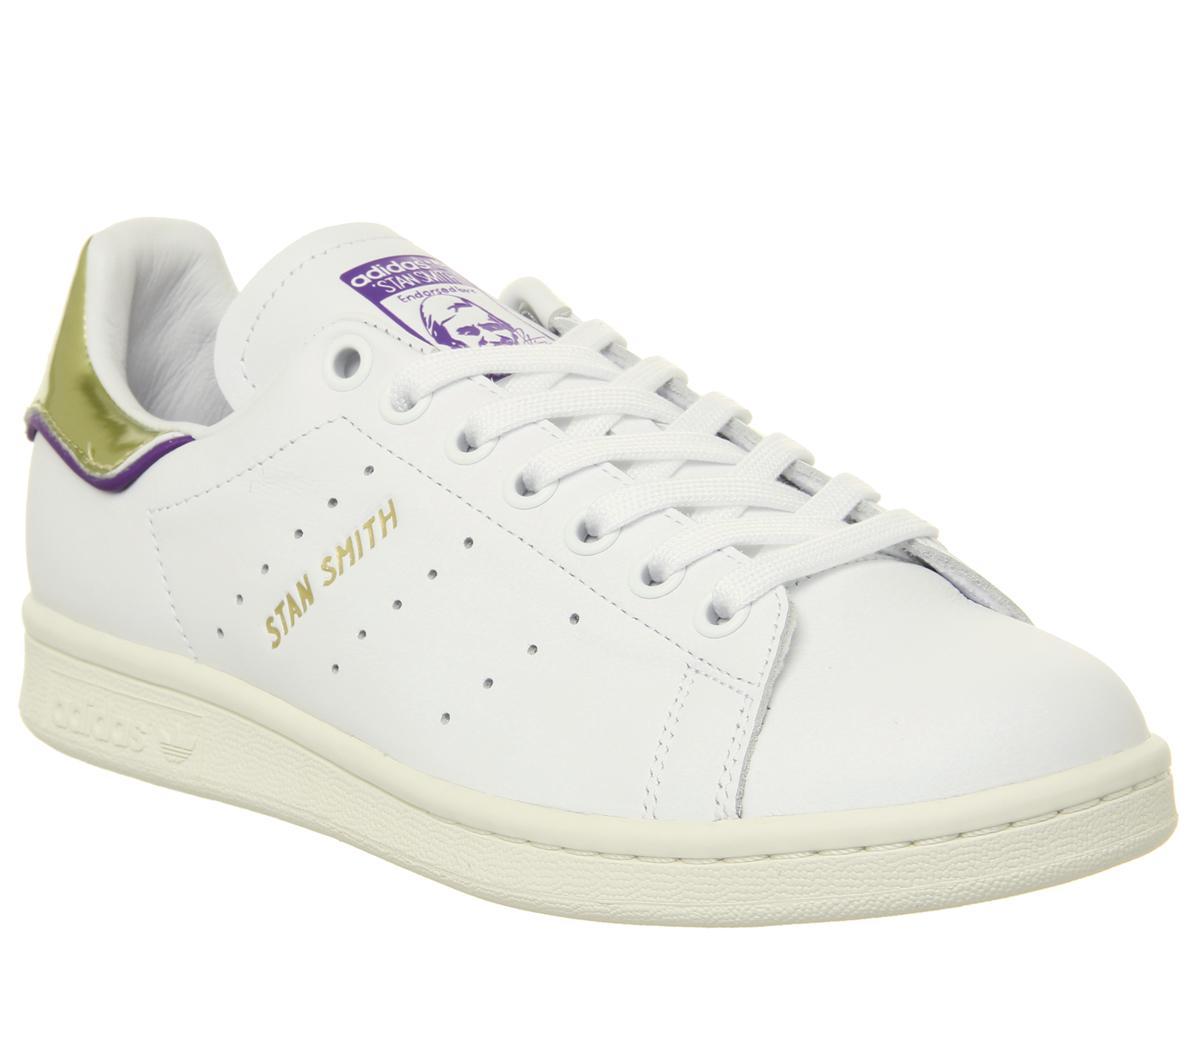 adidas Originals X TFL Stan Smith | EE7279 | Sneakerjagers